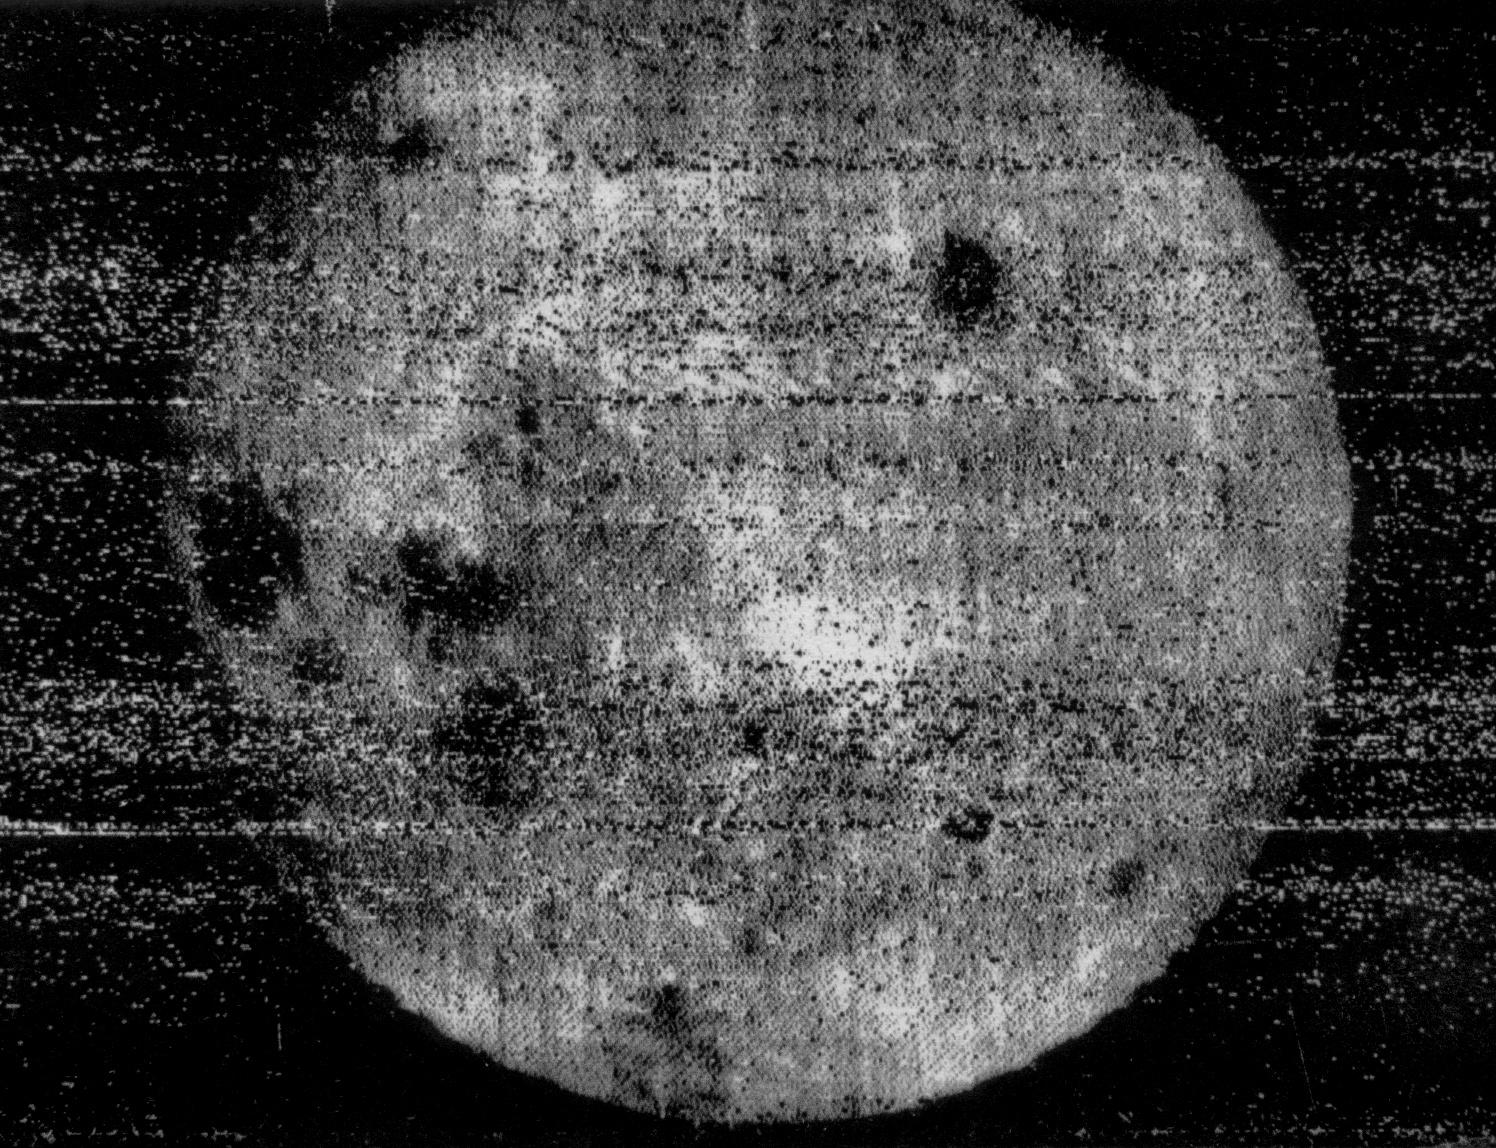 Luna-3 - Première image de la face cachée de la Lune - URSS - 7 octobre 1957 - Moon image